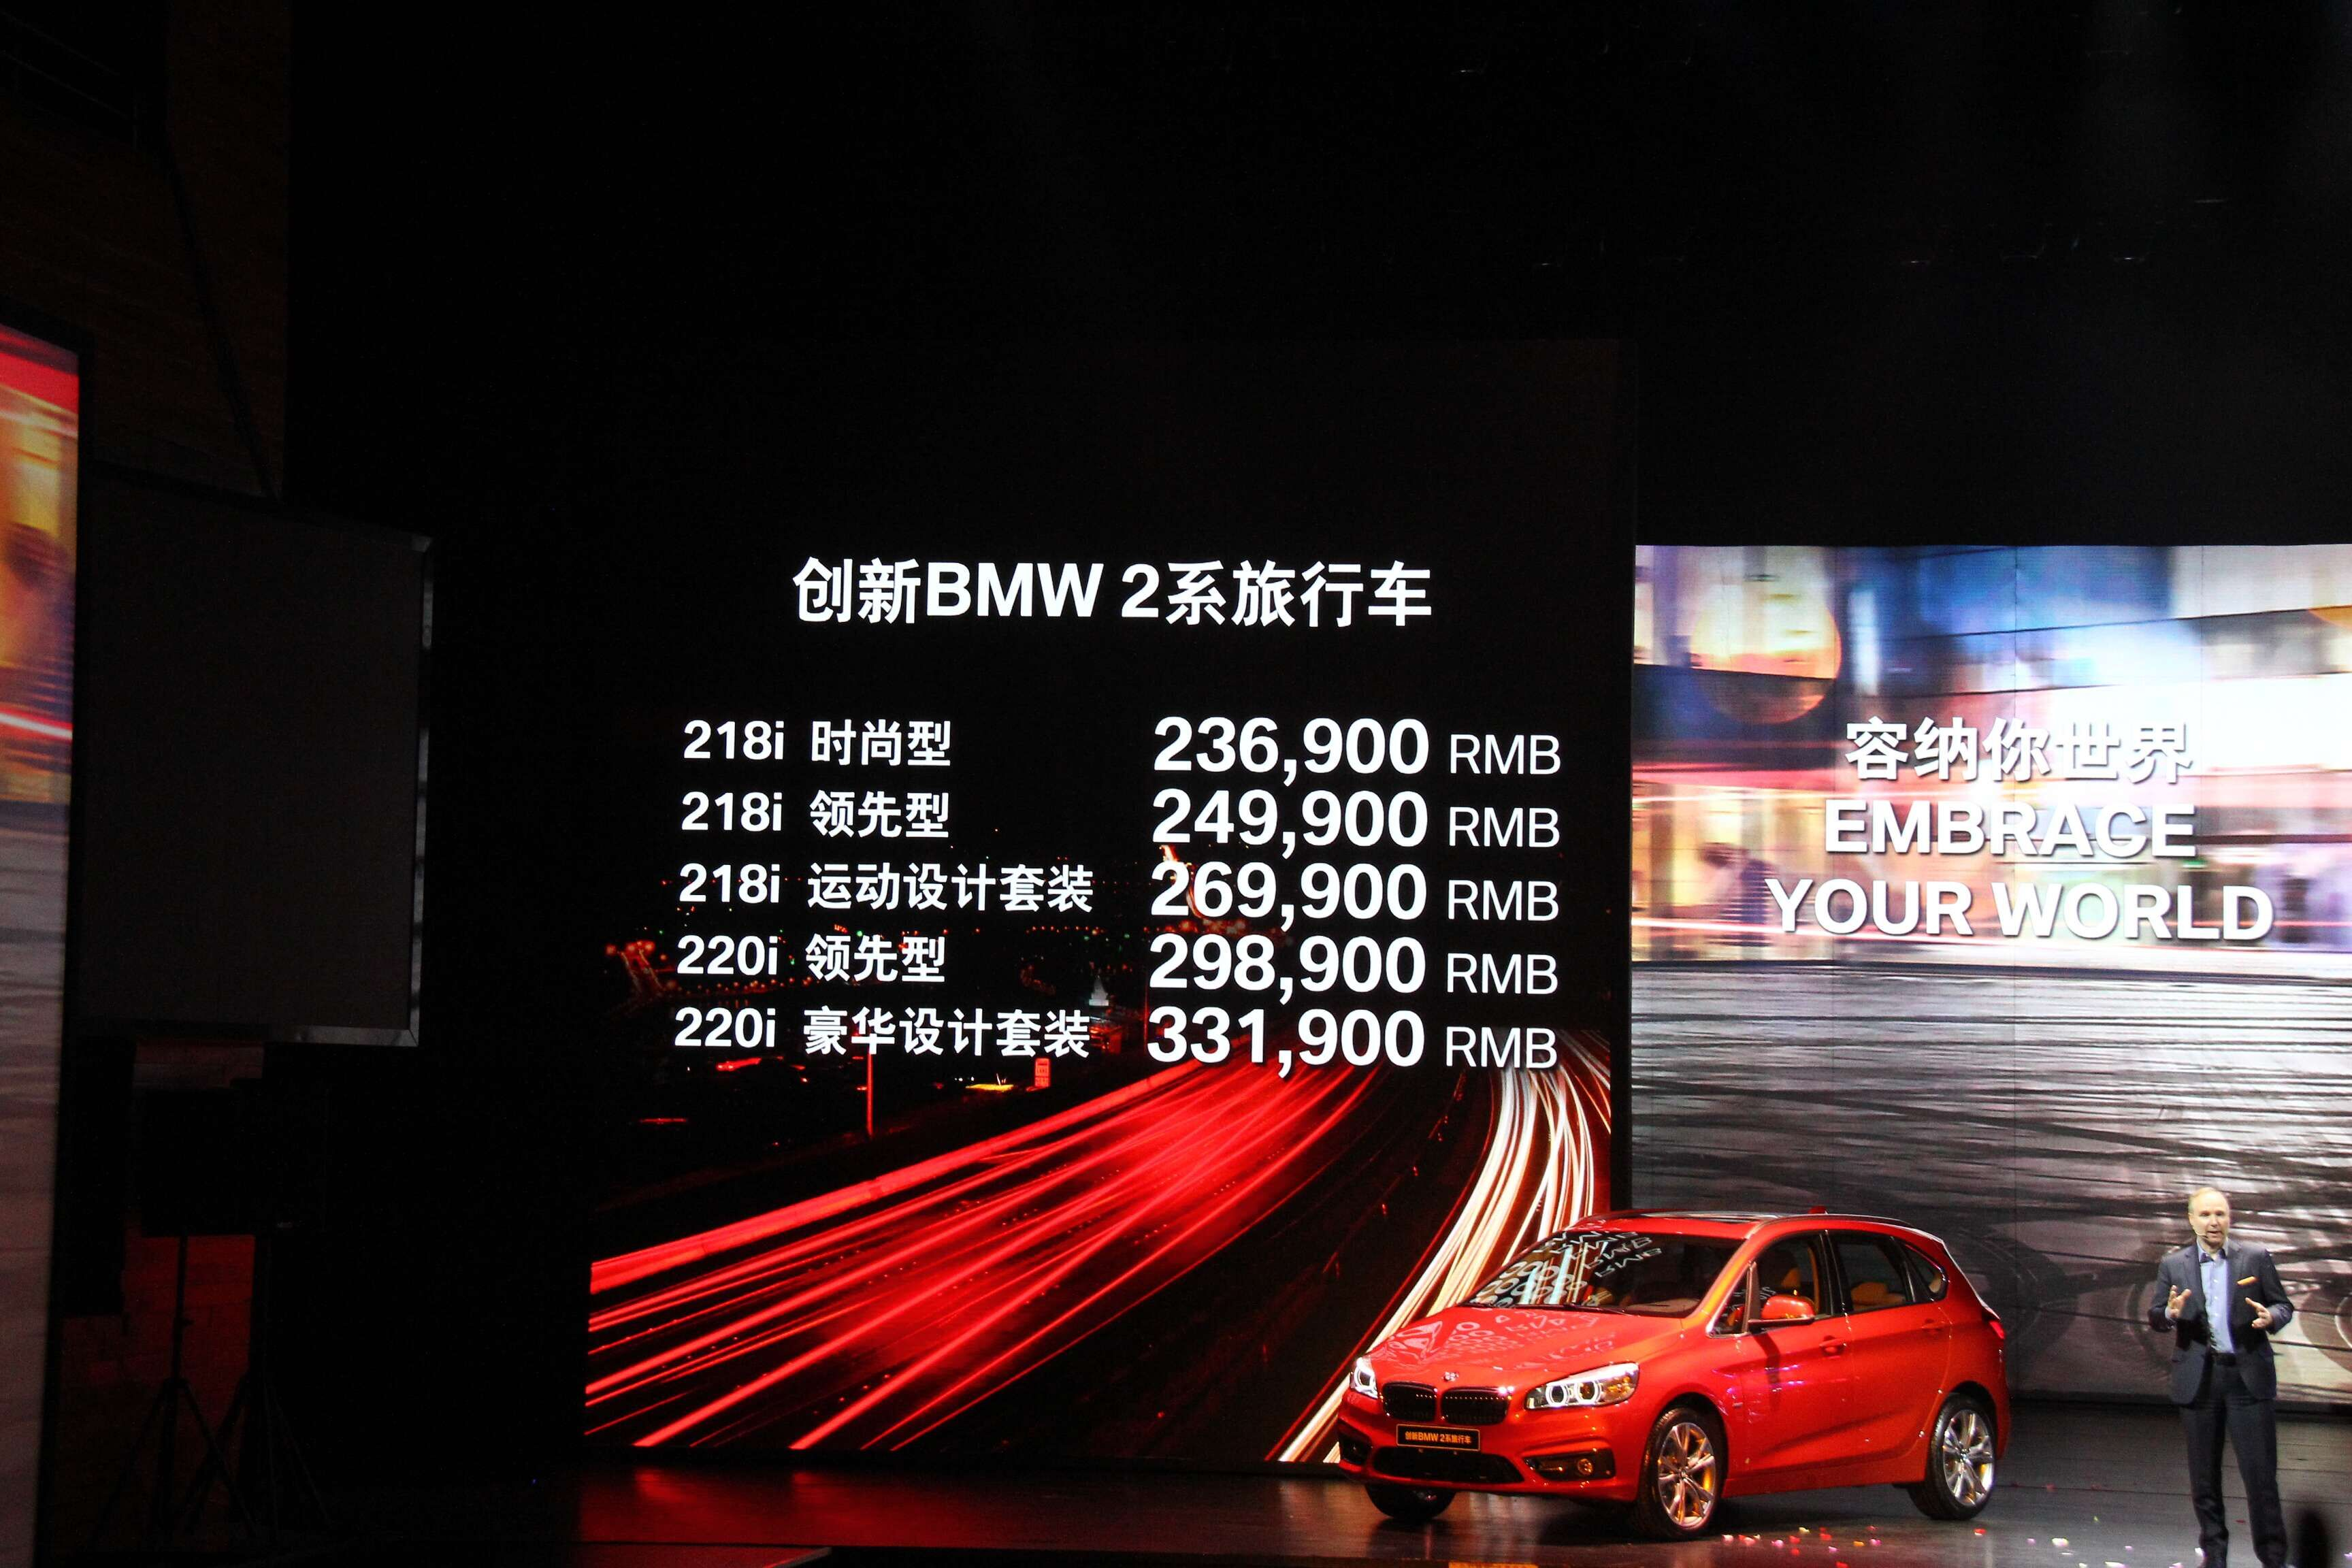 售23.69-33.19万元 华晨宝马2系旅行车正式上市